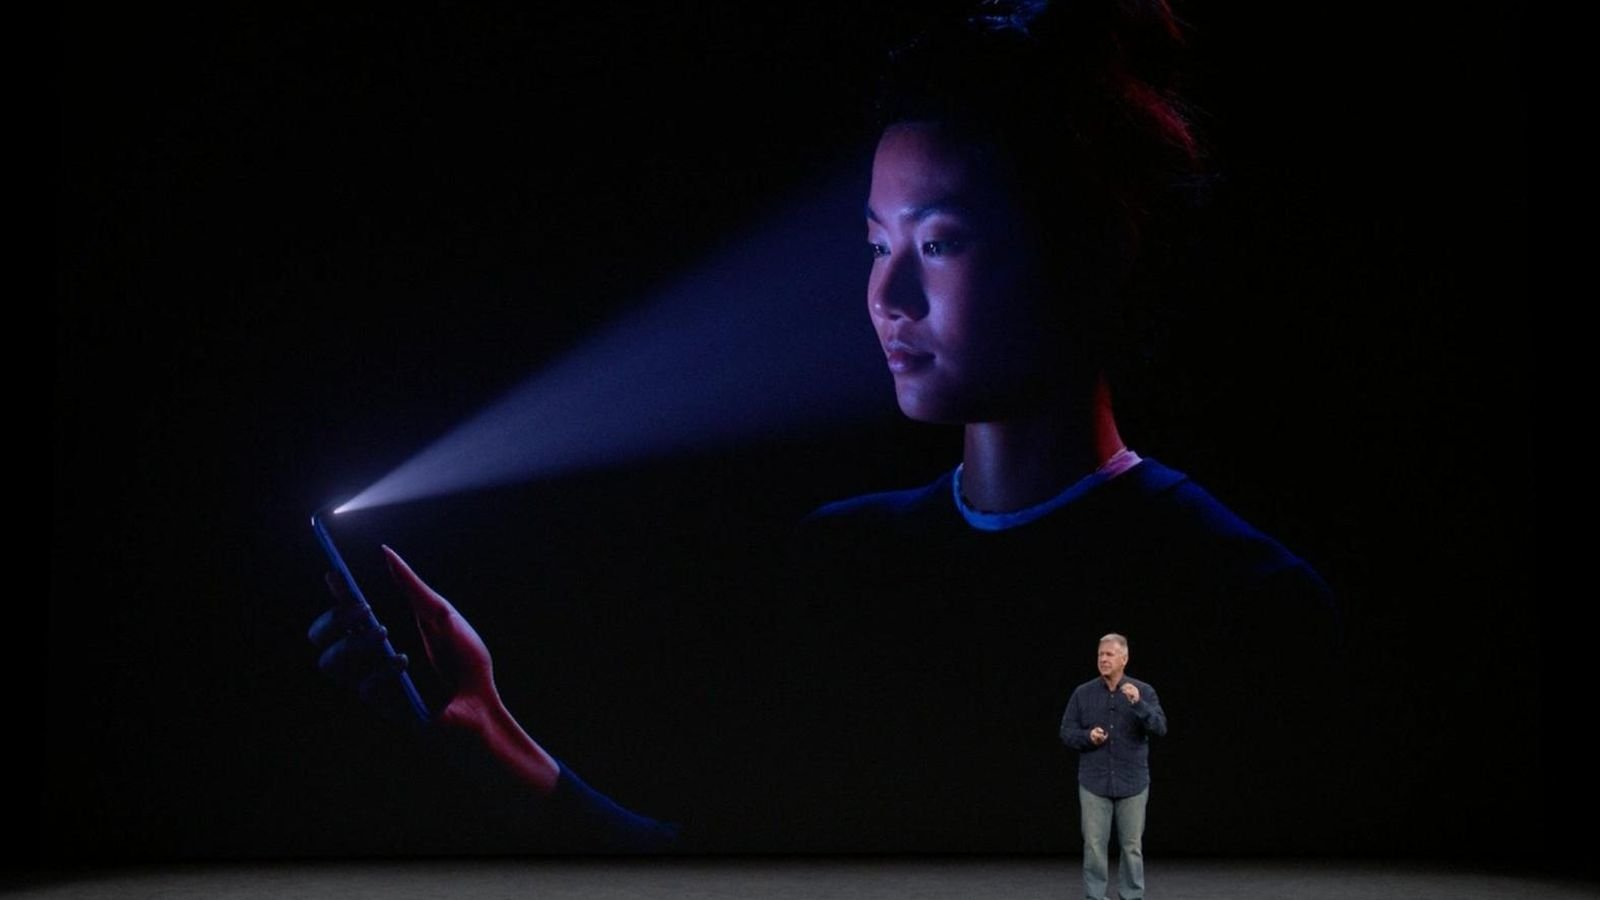 10 yaşlı oğlan Face ID vasitəsilə iPhone X-i rahatlıqla aktiv etdi (VİDEO)